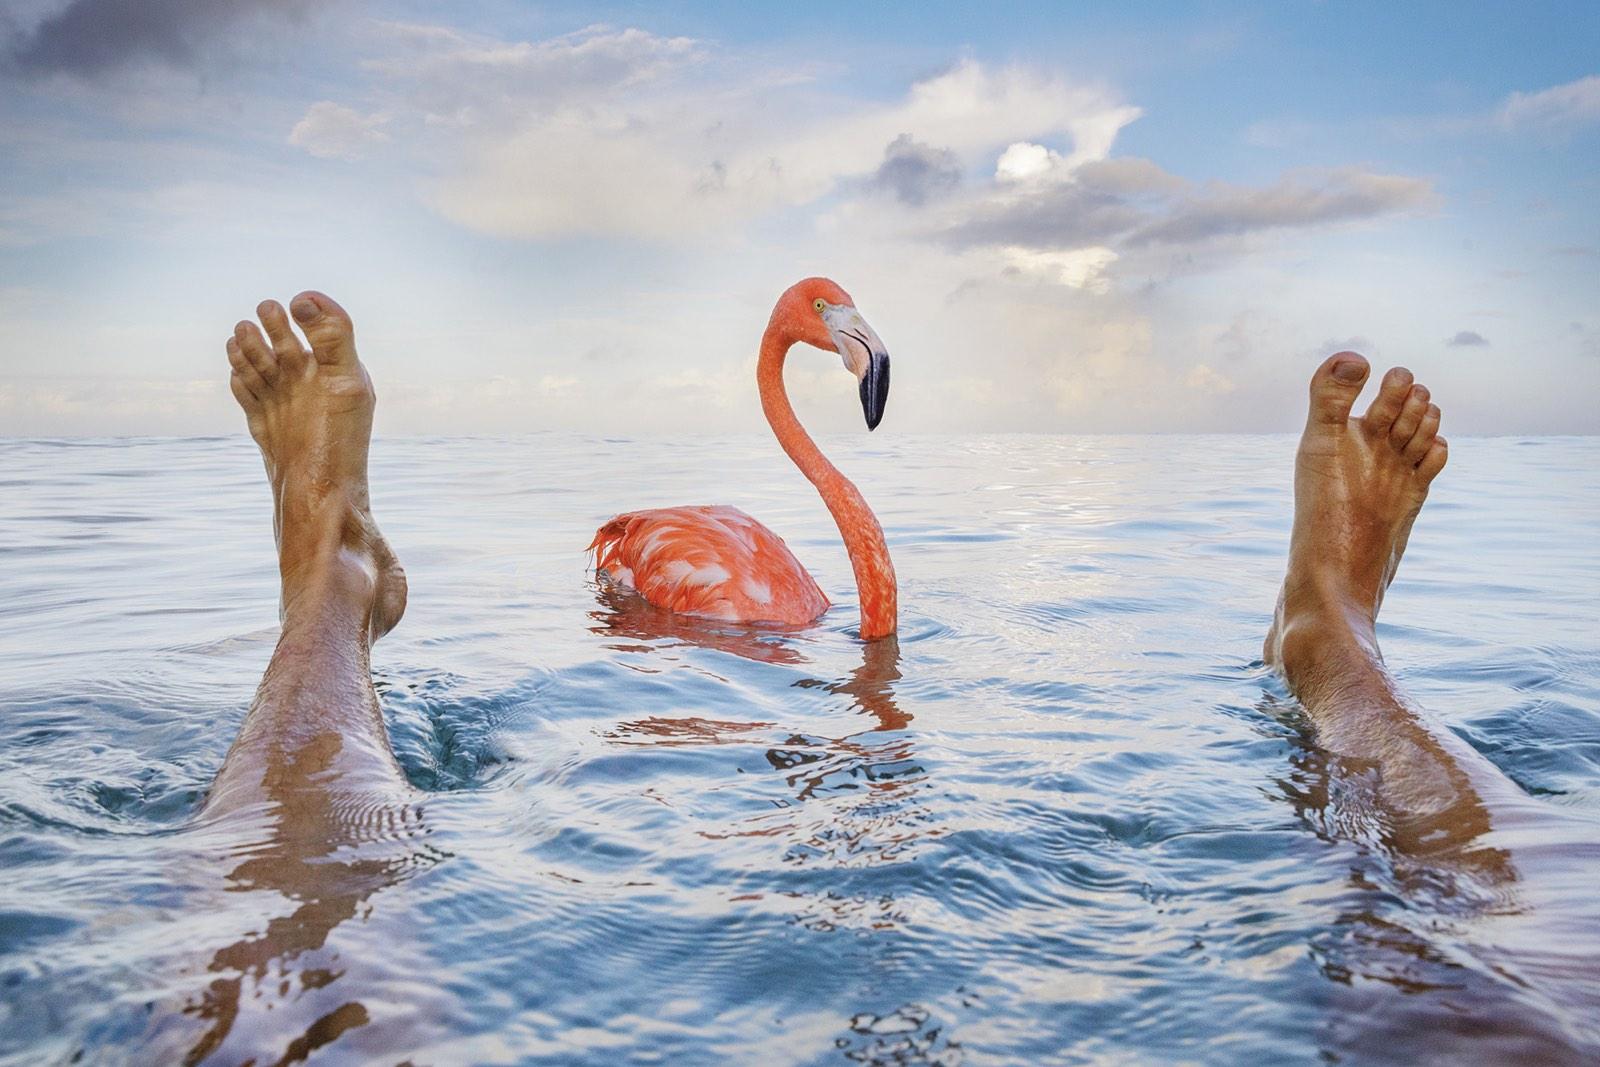 foto van Jasper Doest van twee voeten in water met flamingo ertussen